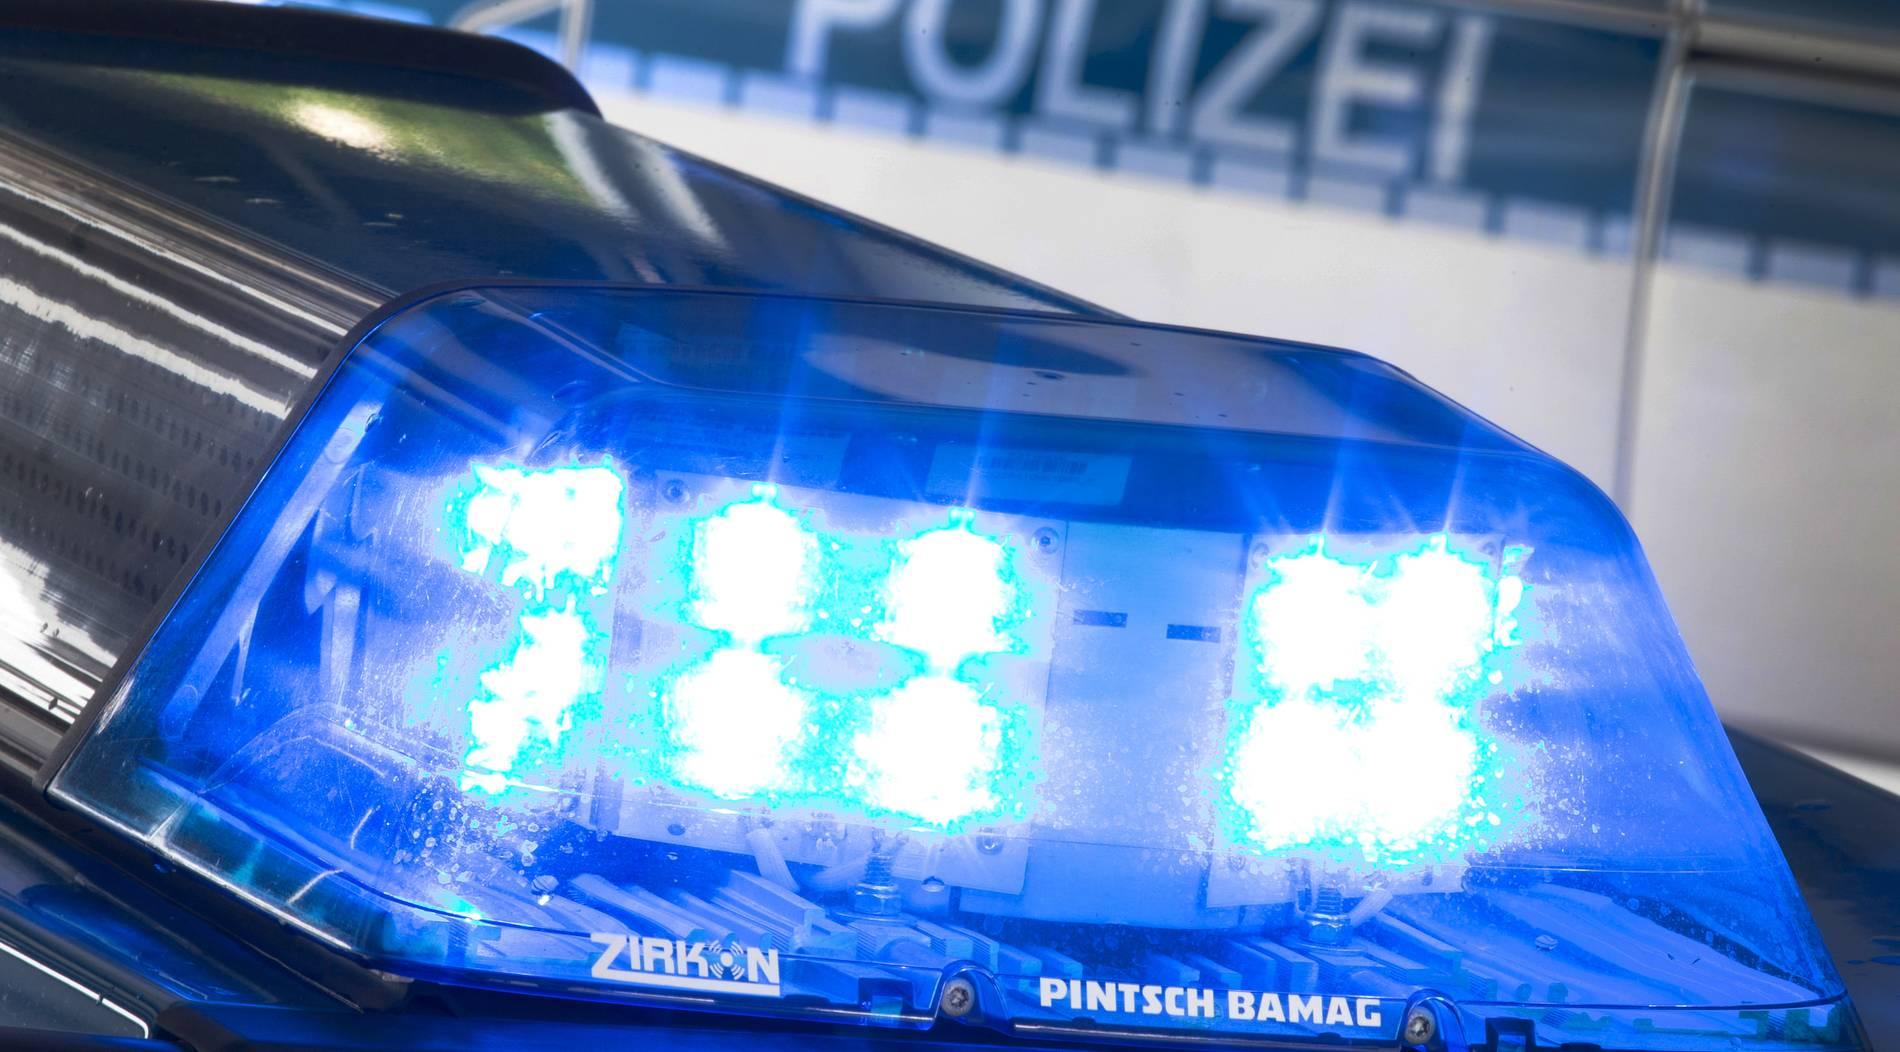 Strafanzeigen und Verletzte bei Rechten-Demo in Duisburg